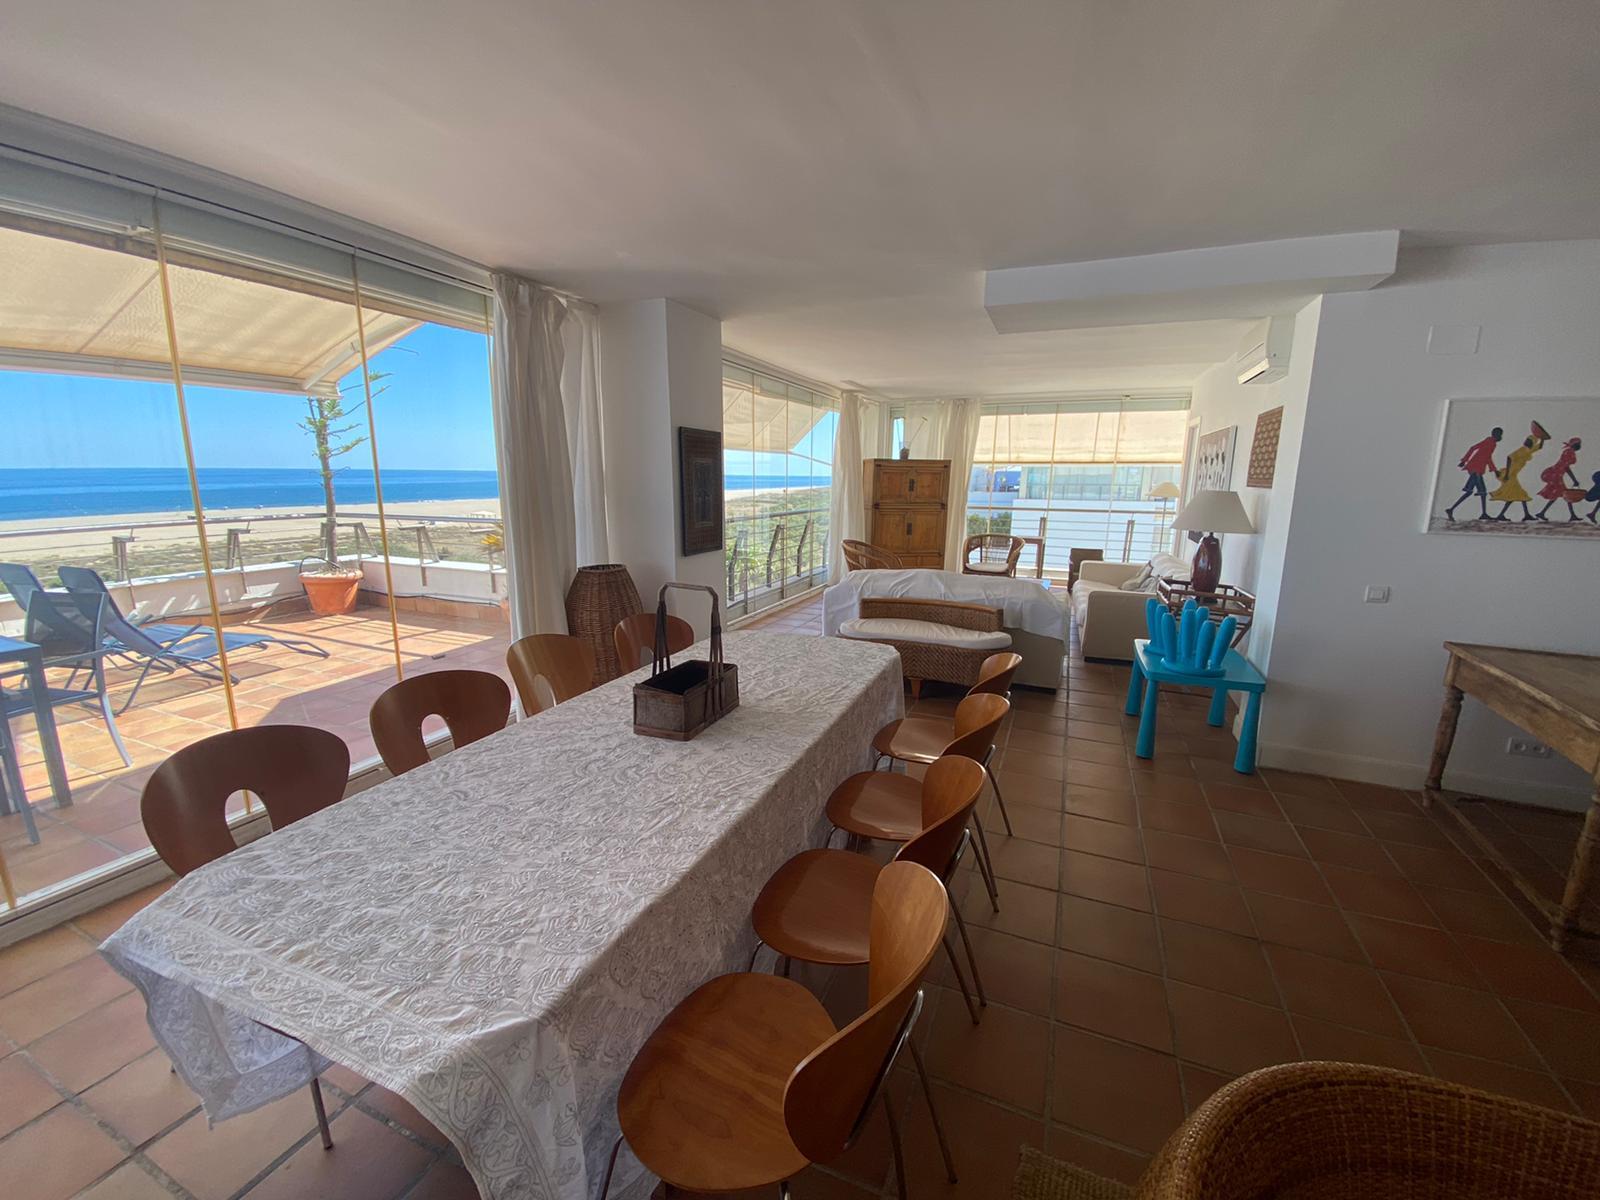 Imagen 5 del Apartamento Turístico, Ático 3 Levante, Frontal (4d+2b), Punta del Moral (HUELVA), Paseo de la Cruz nº22